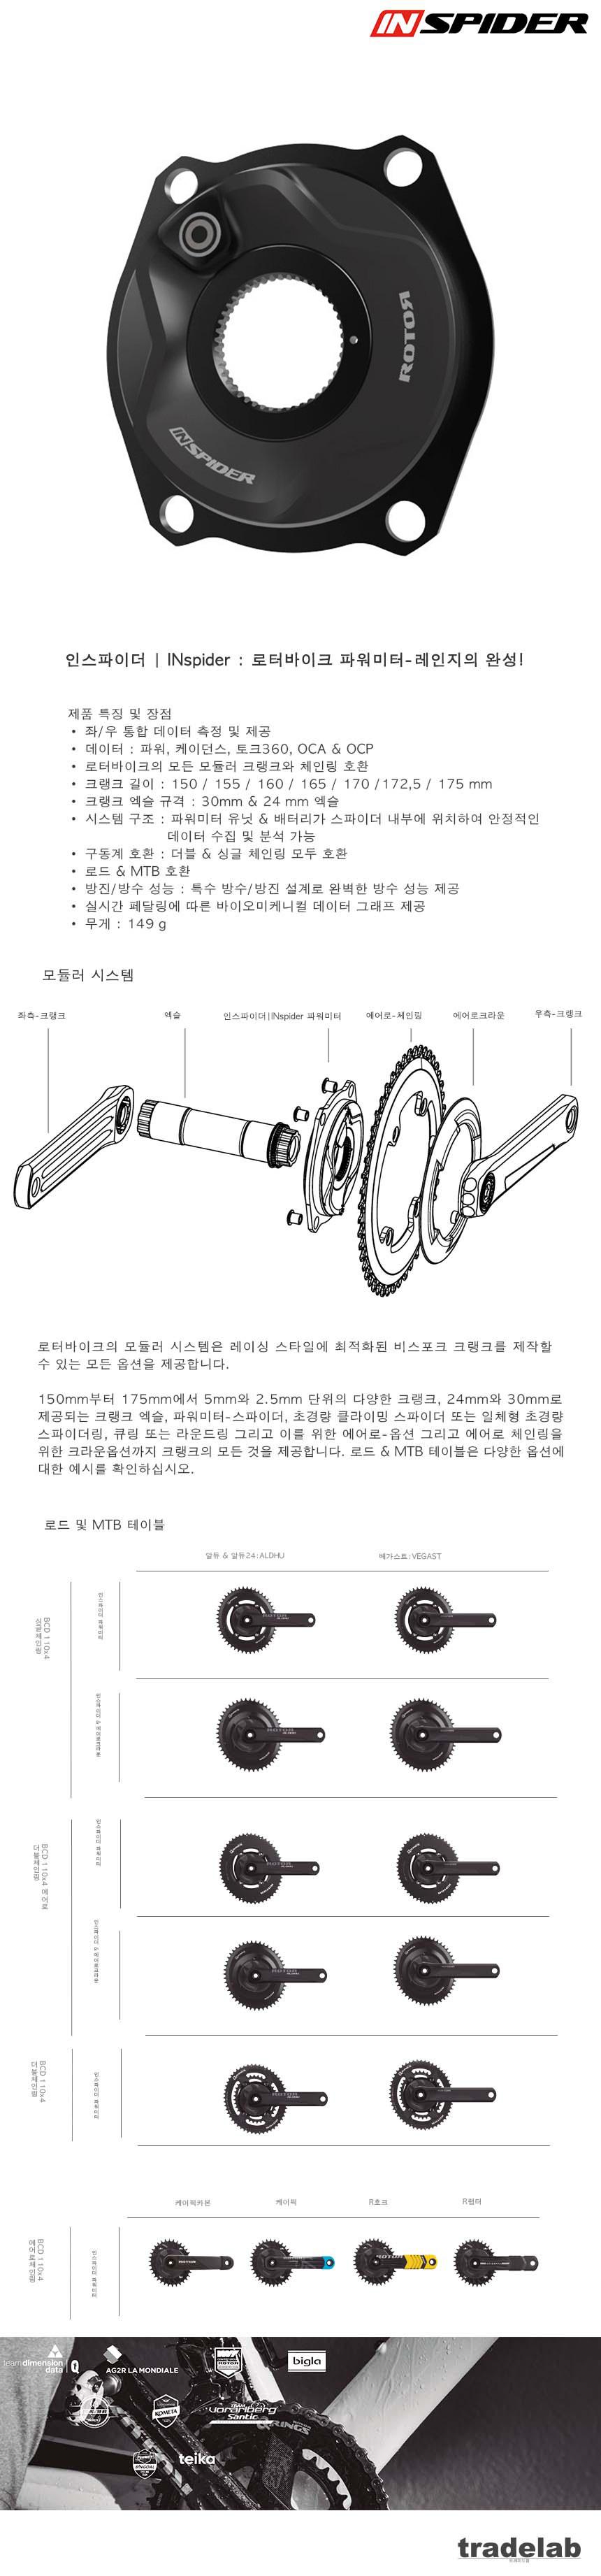 인스파이더-상세(수정).jpg